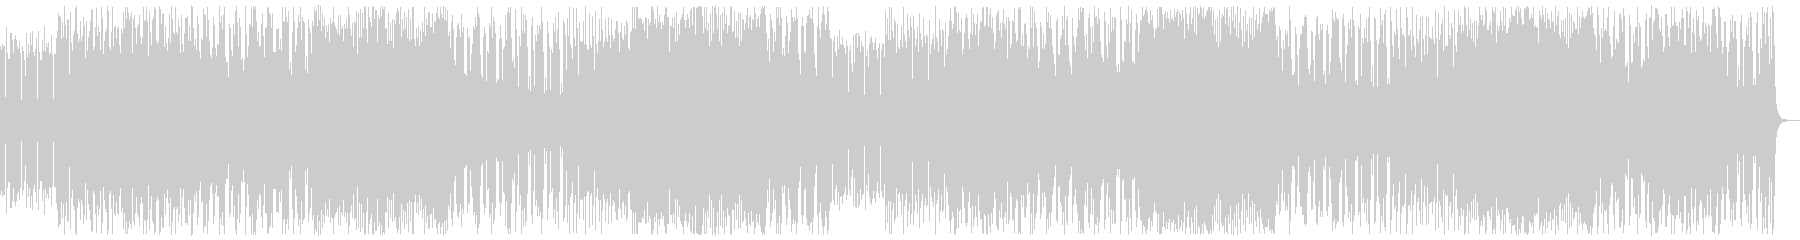 和楽器・和風・サムライヒーロー:フルx2の未再生の波形